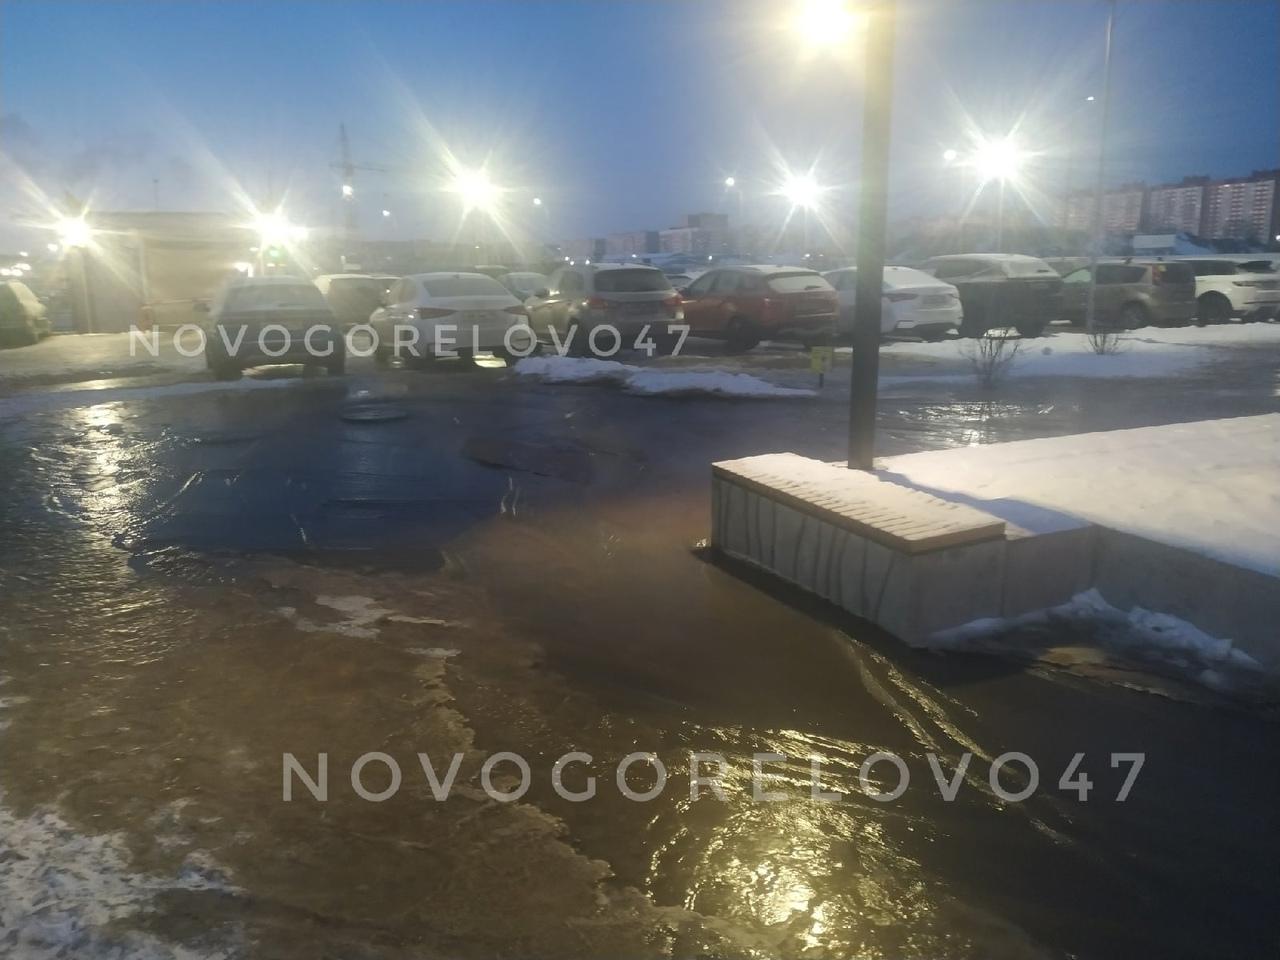 В Новогорелово на бульваре Чугунова произошел прорыв трубы, холодная вода залила часть бульвара, пер...